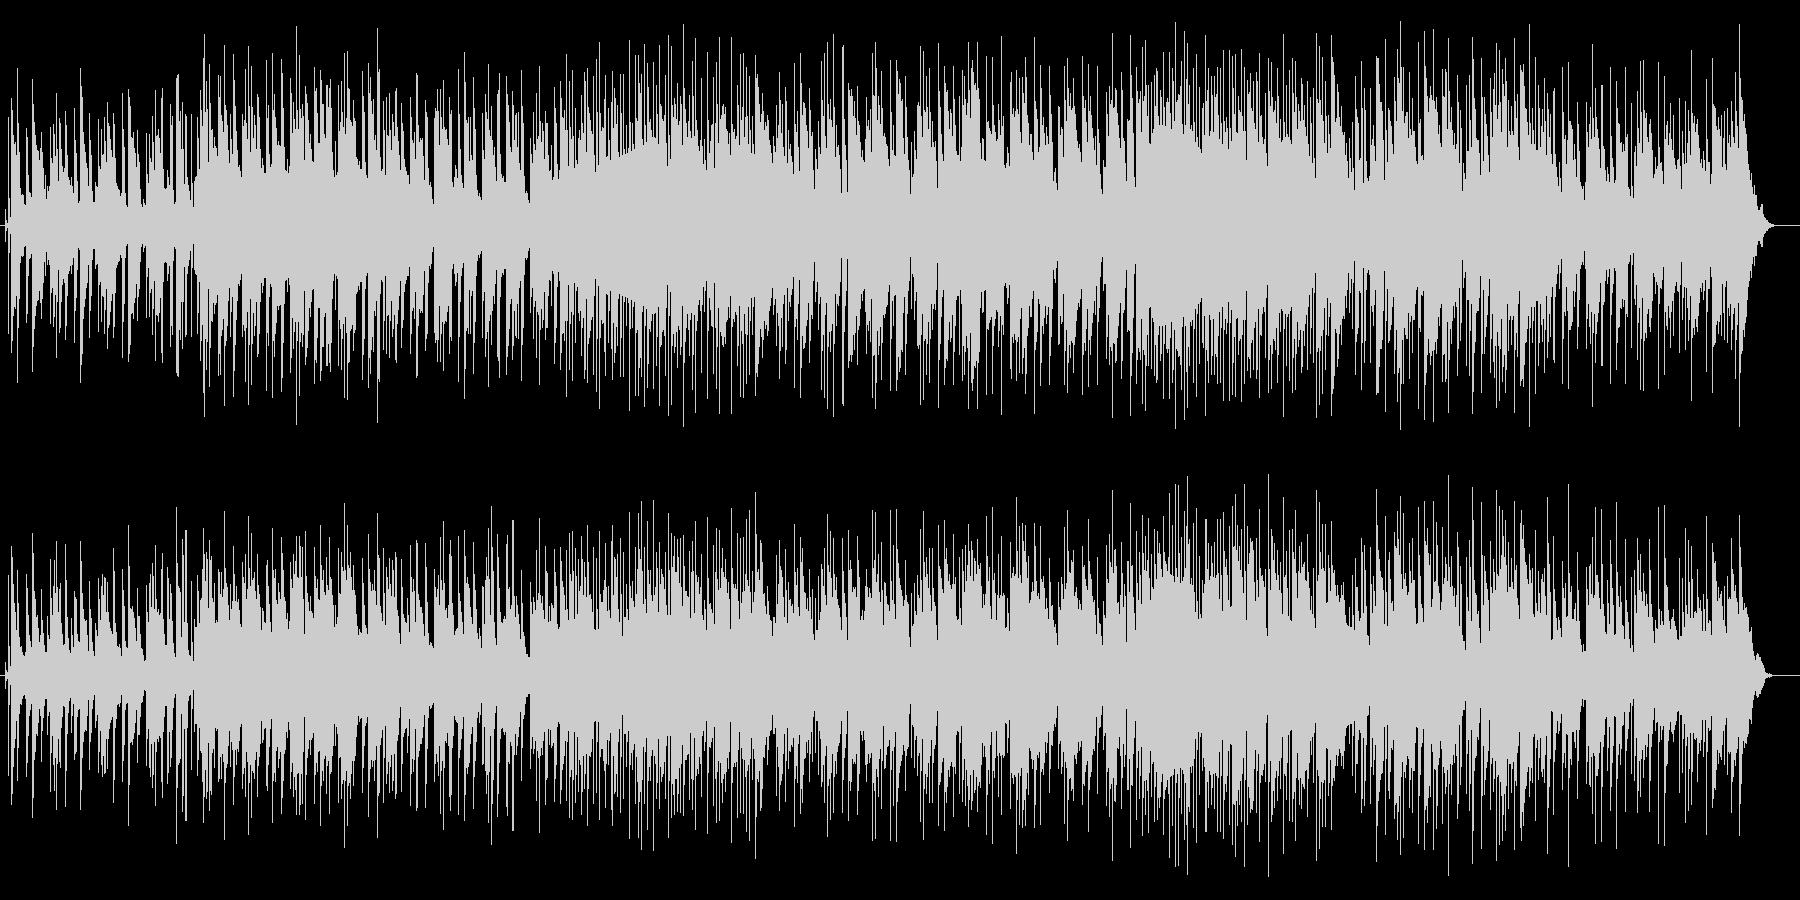 ブラス系の音色の軽快なポップスの未再生の波形